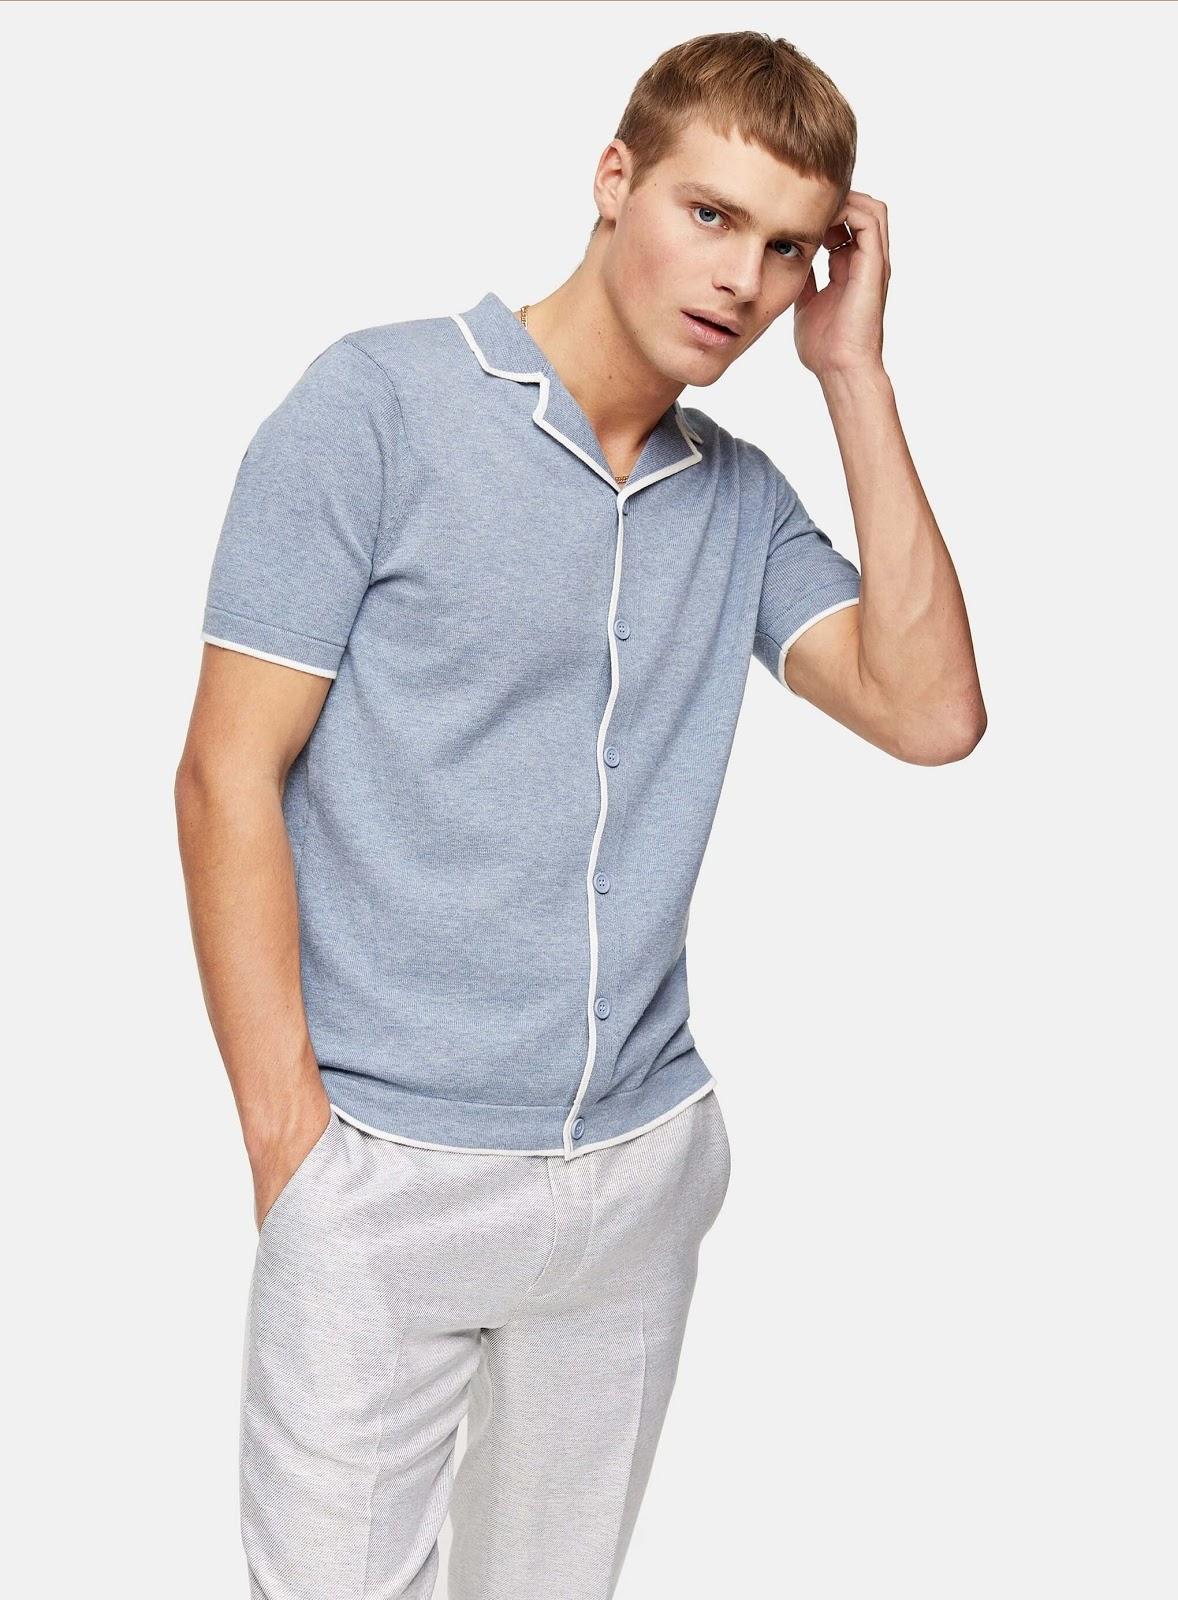 Topman Revere Knitted Shirt